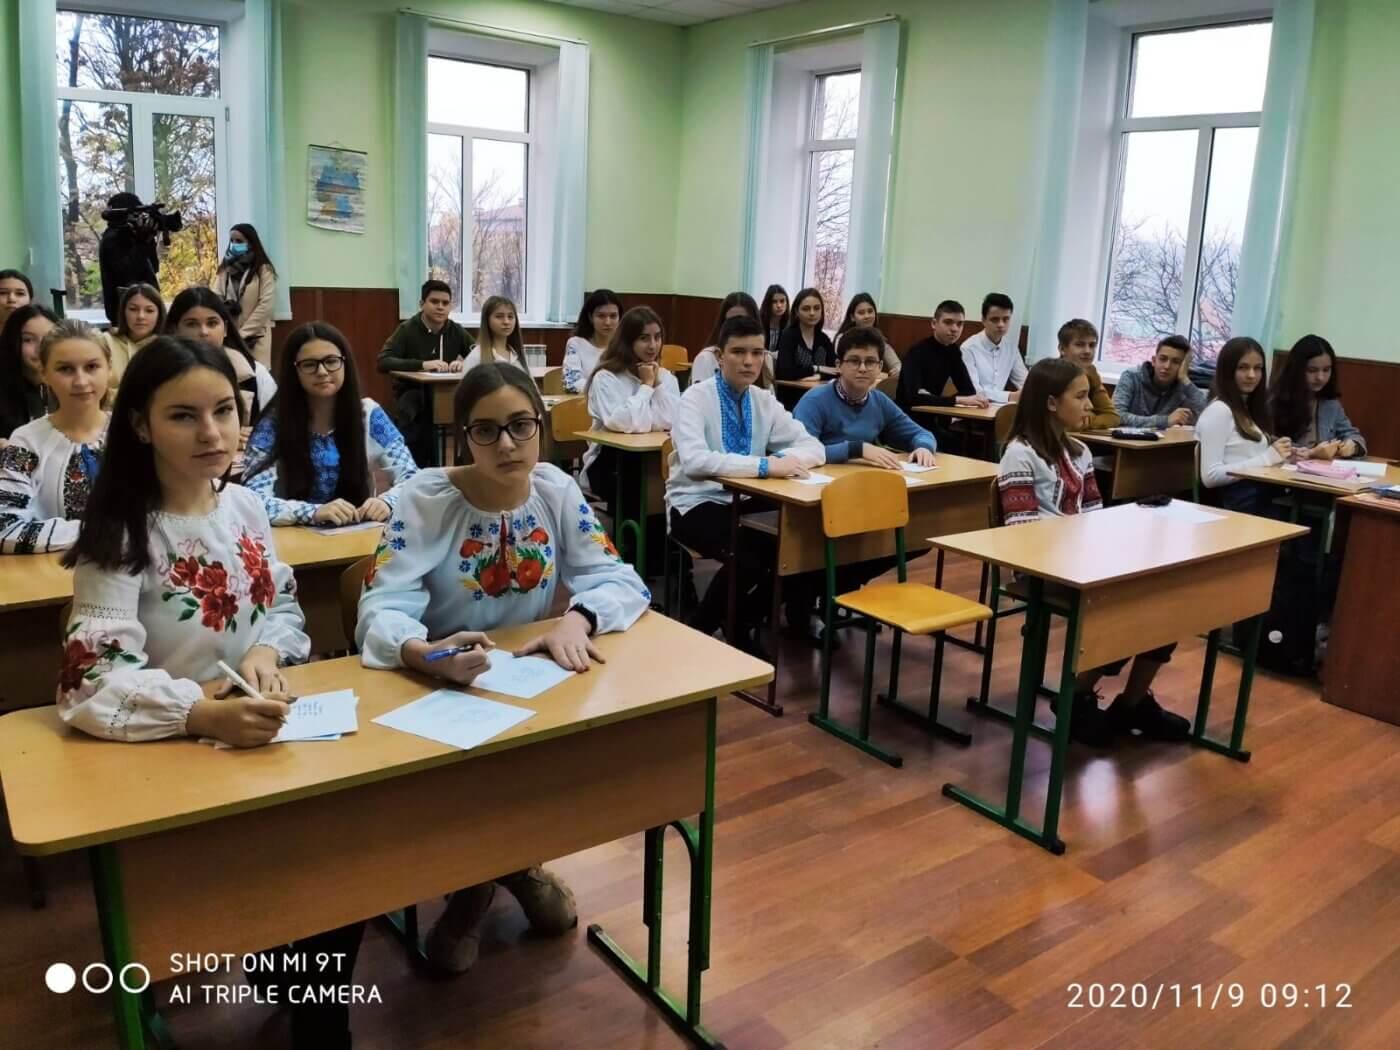 zobrazhennya viber 2020 11 09 15 55 50 1400x1050 - Всеукраїнський радіодиктант національної єдності